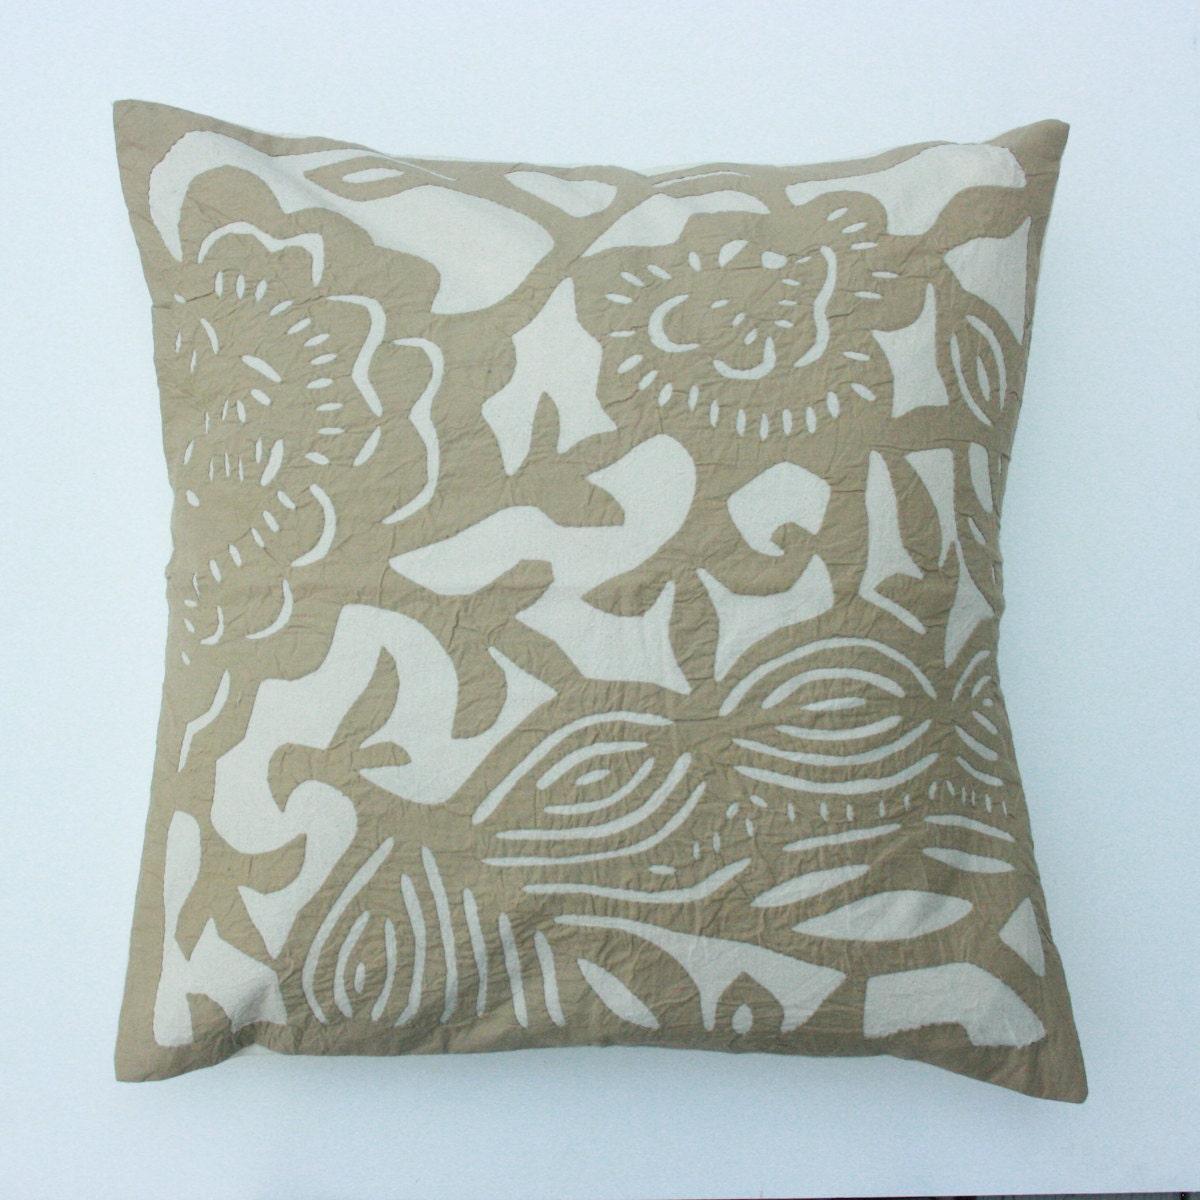 26x26 Beautiful Pillow By Gypsya On Etsy